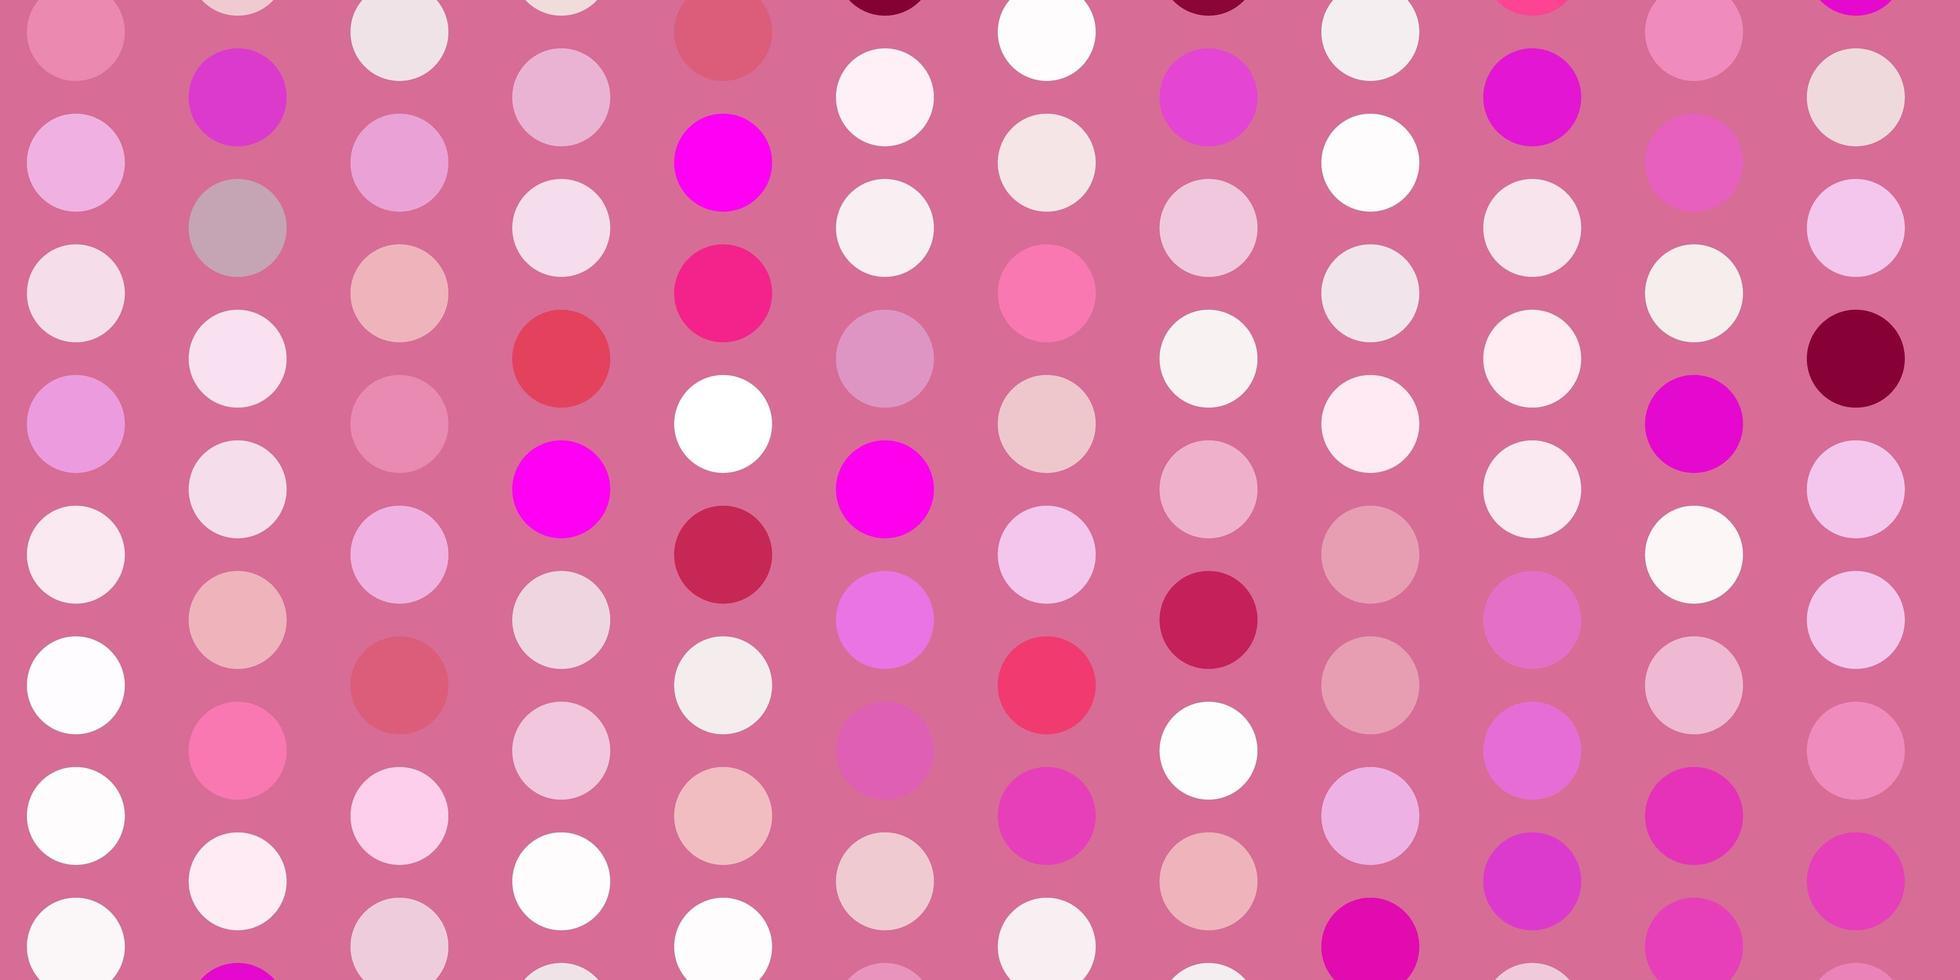 hellrosa Vektorhintergrund mit Flecken. vektor